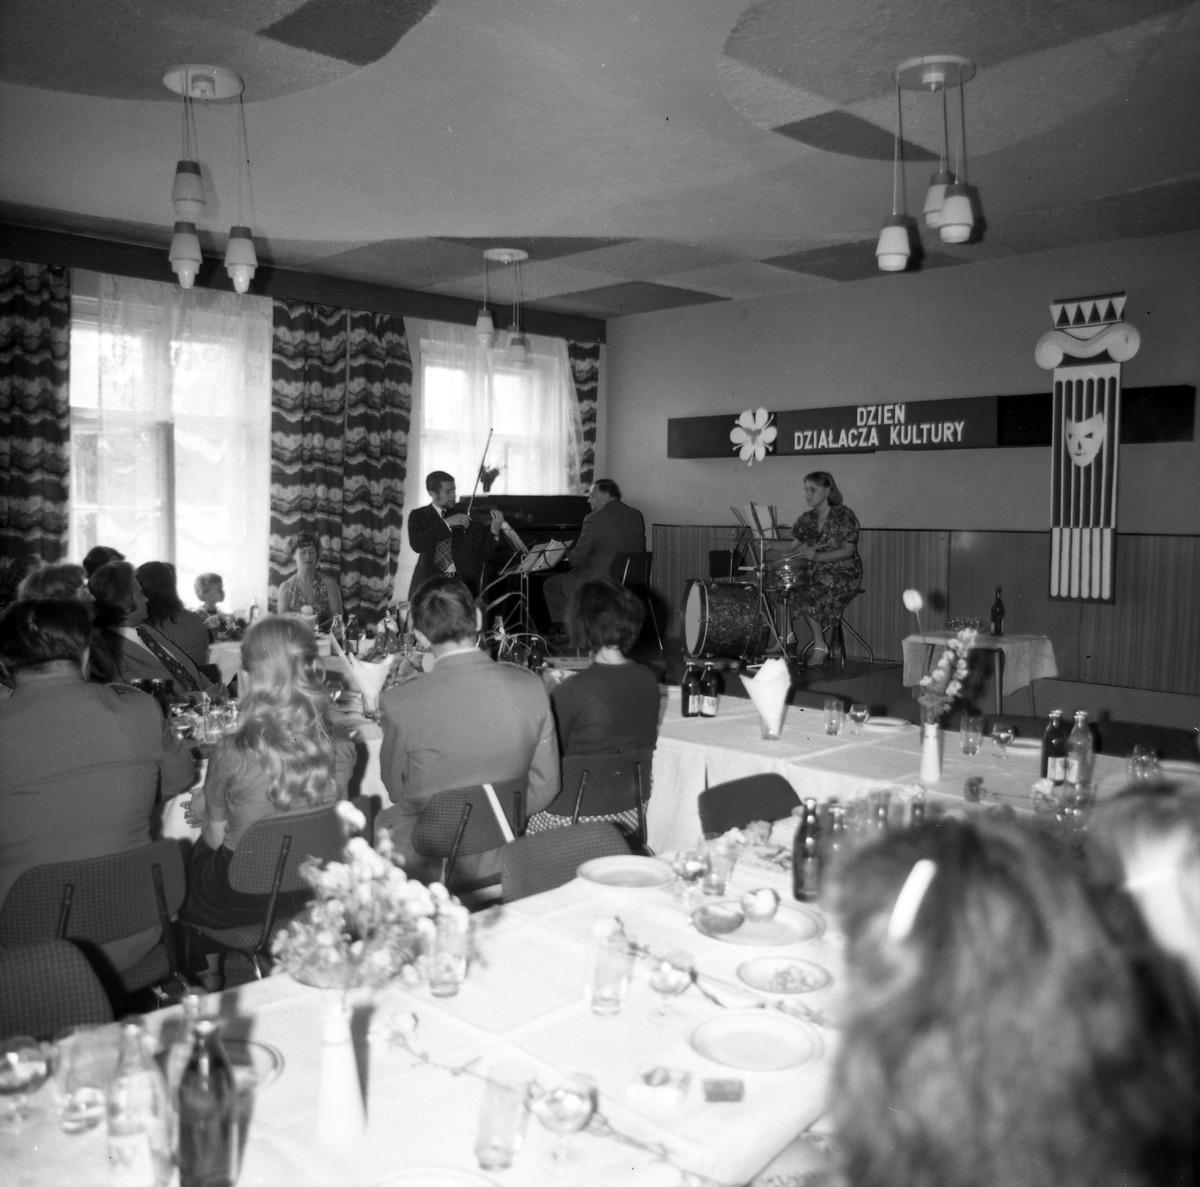 Obchody Dnia Działacza Kultury, 1979 r. [2]